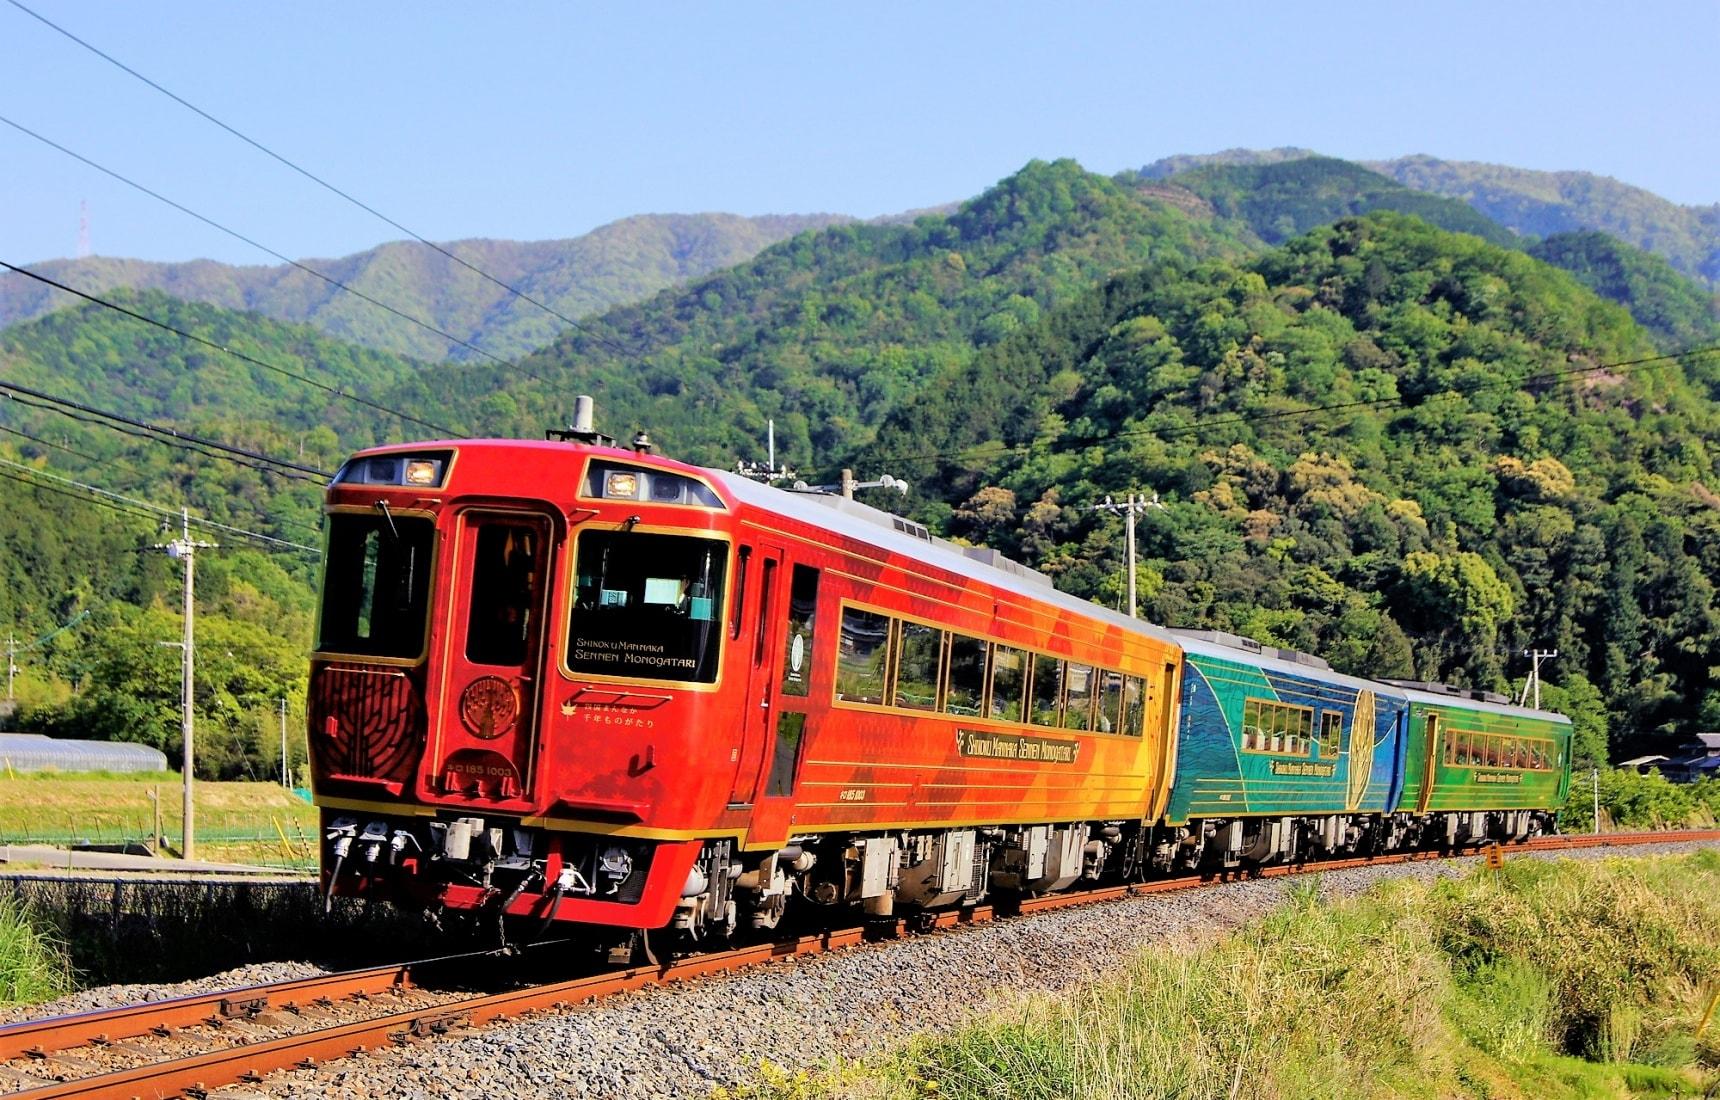 【日本觀光列車特輯・四國篇】搭乘「四國正中千年物語」感受自然與當地熱情